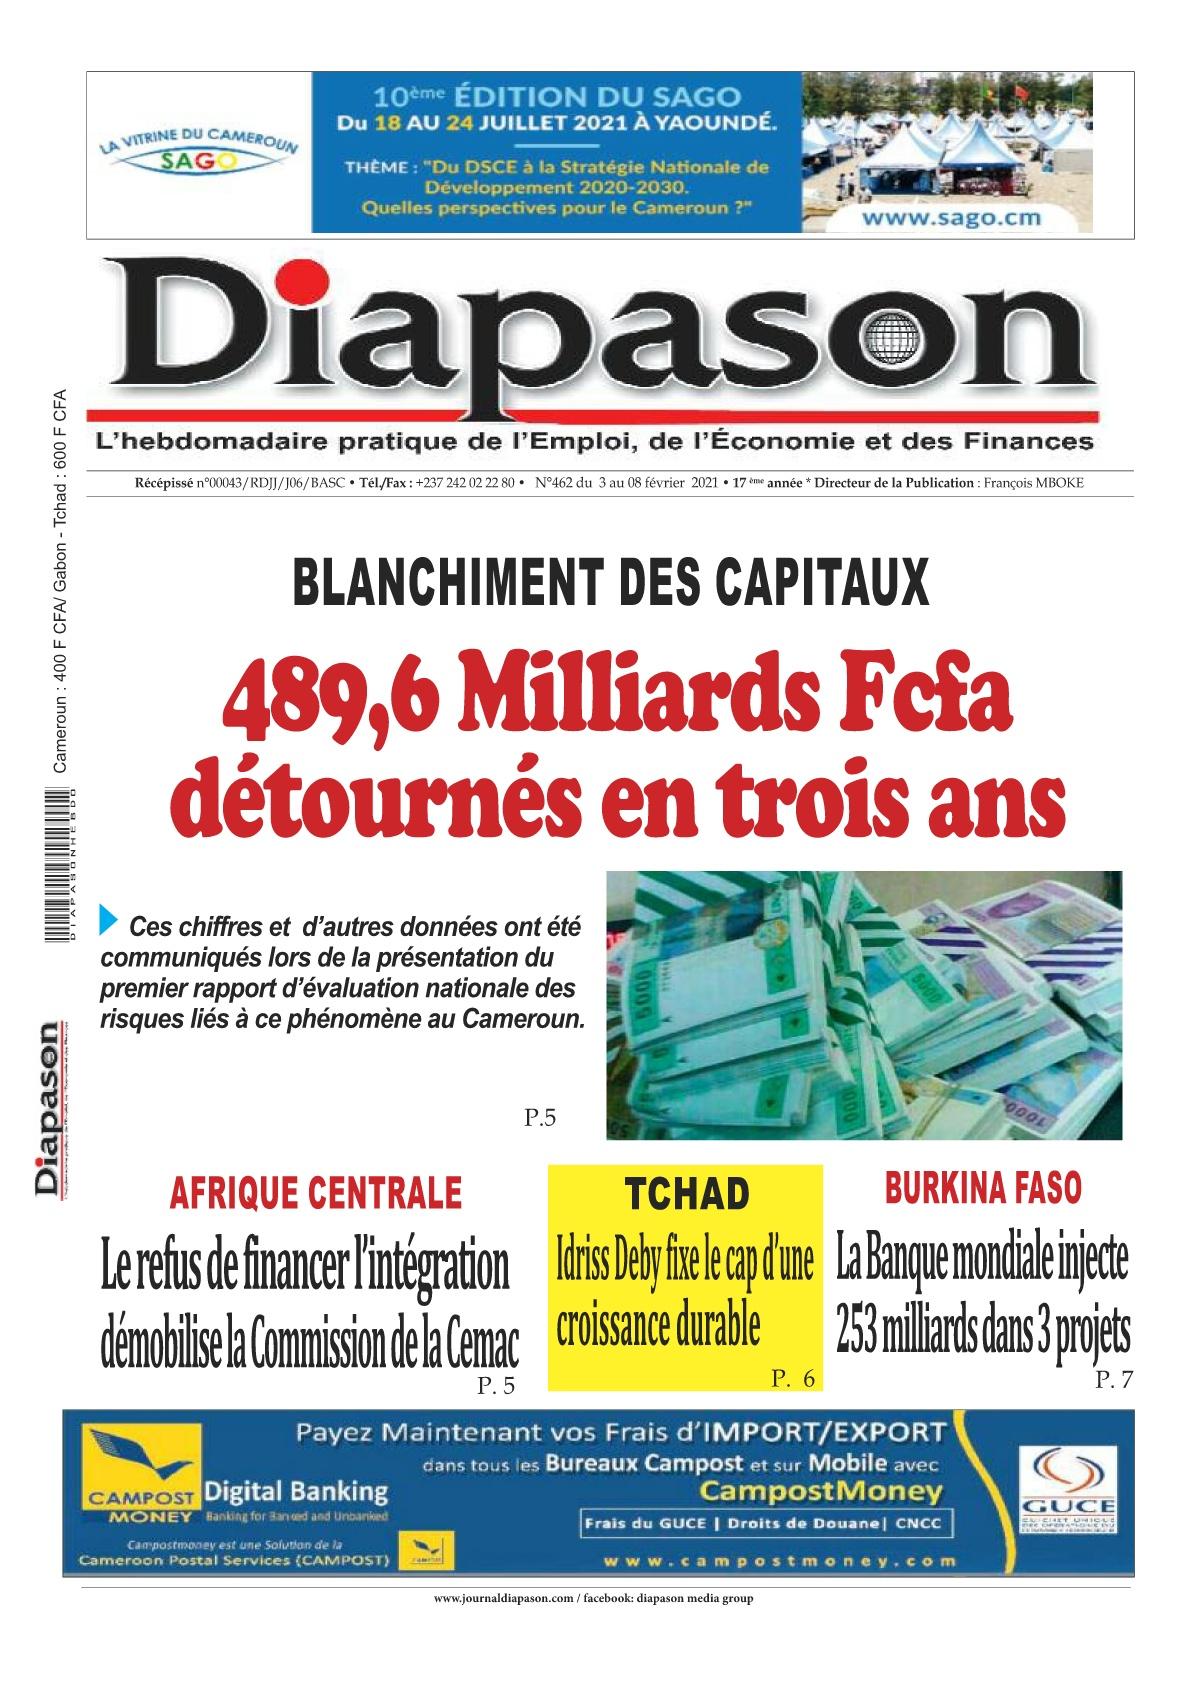 Diapason - 08/02/2021